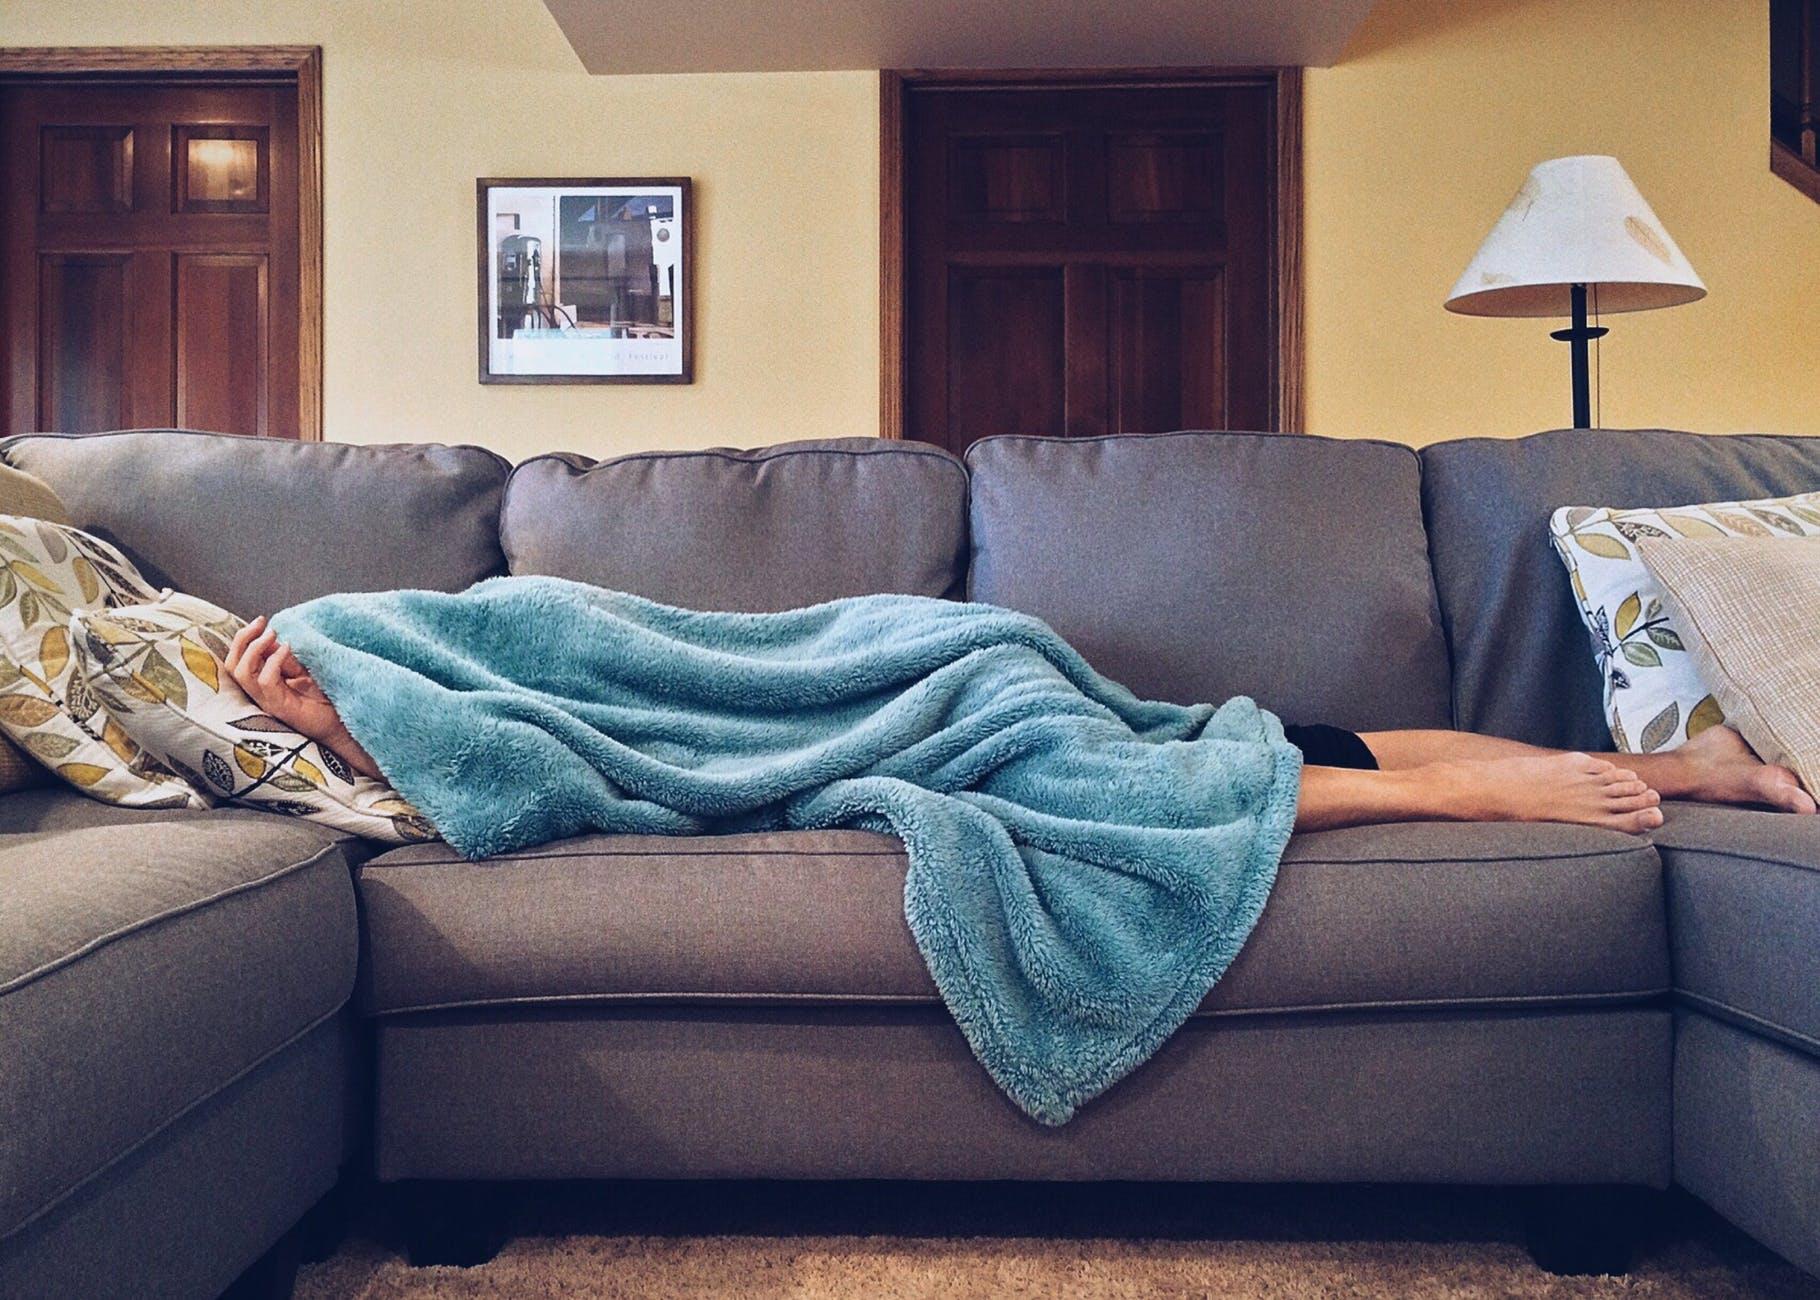 unwell lying on bed